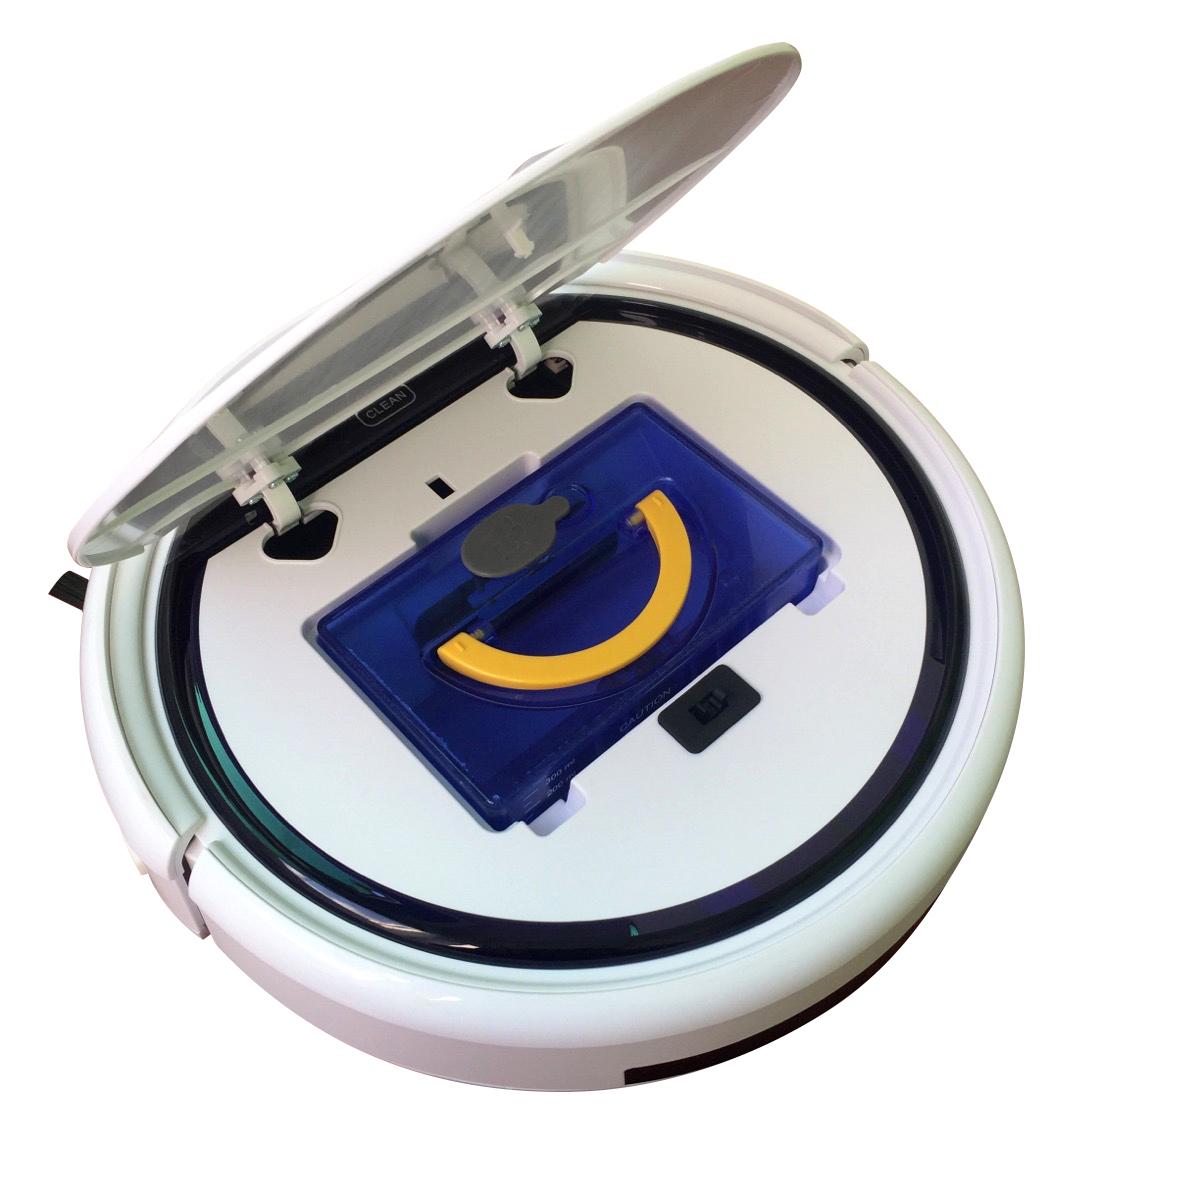 Bild 1 von Provision Wisch- und Saugroboter WSR 5000, Weiß